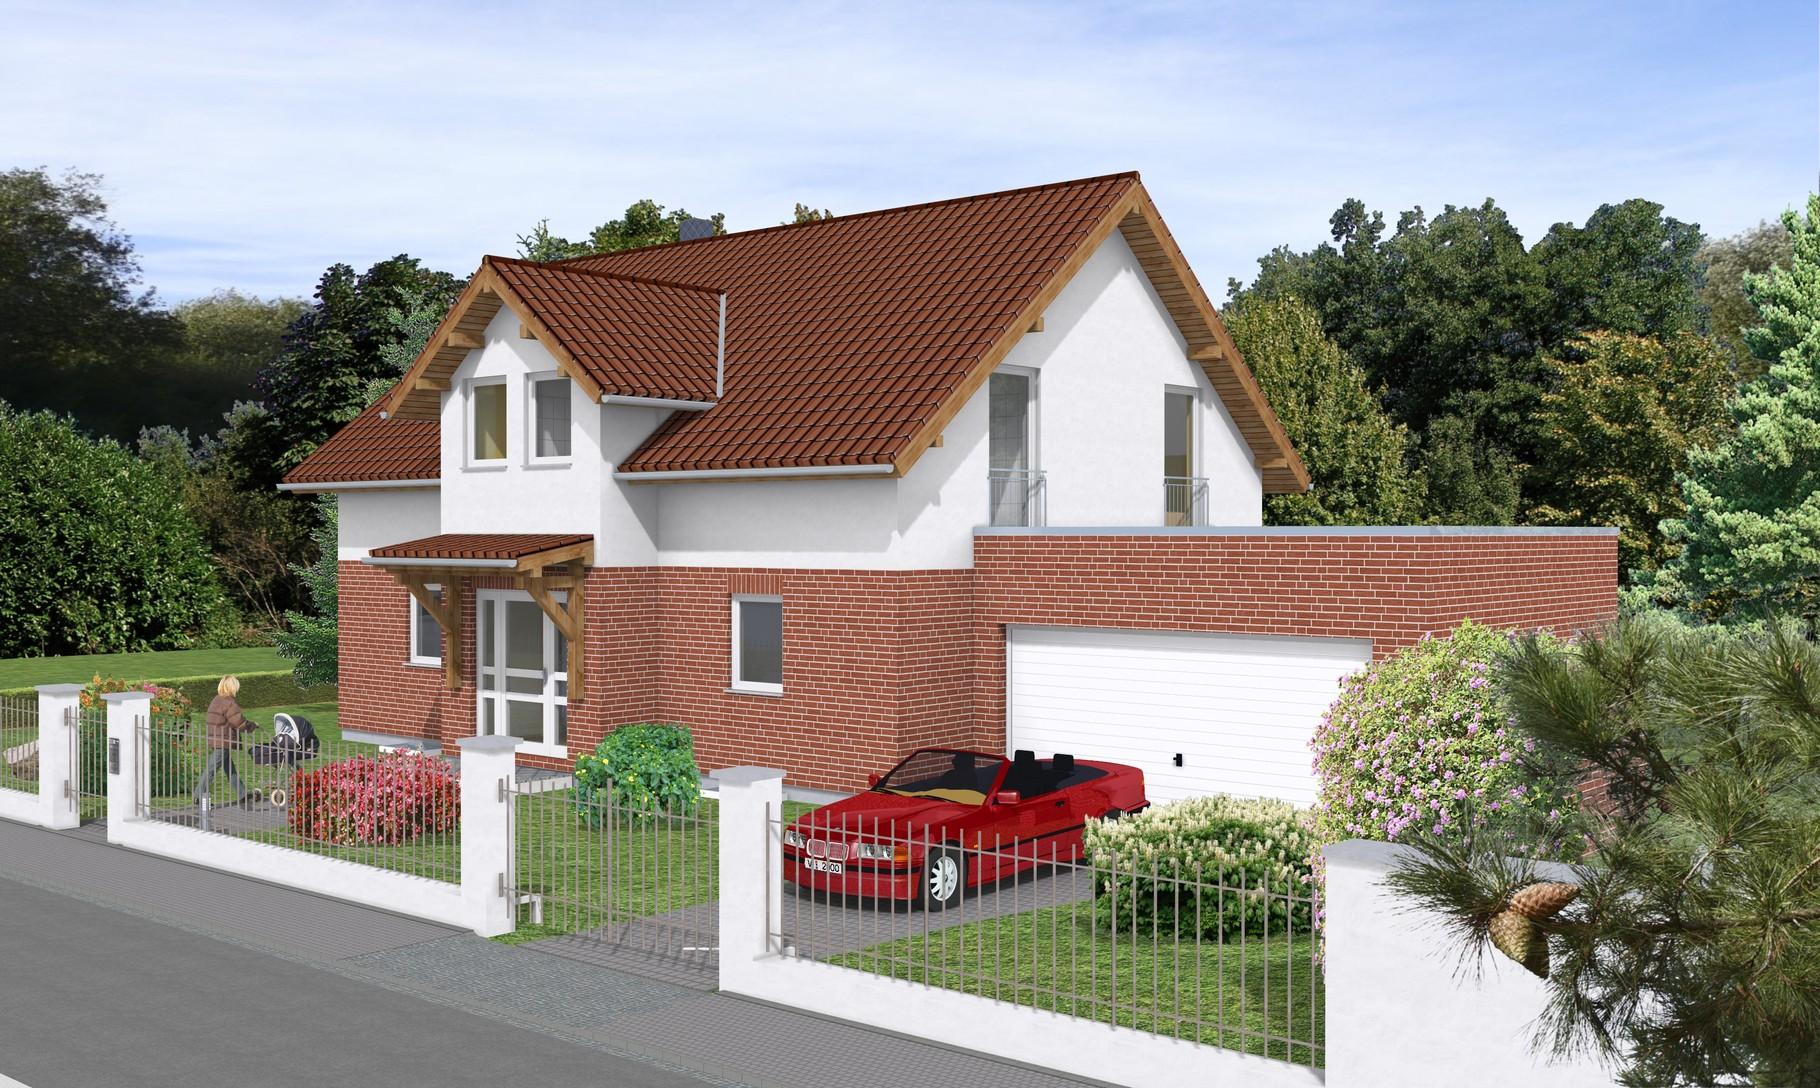 Architekturvisualisierung Preise architekturvisualisierung für immobilienmarketing visualisierung